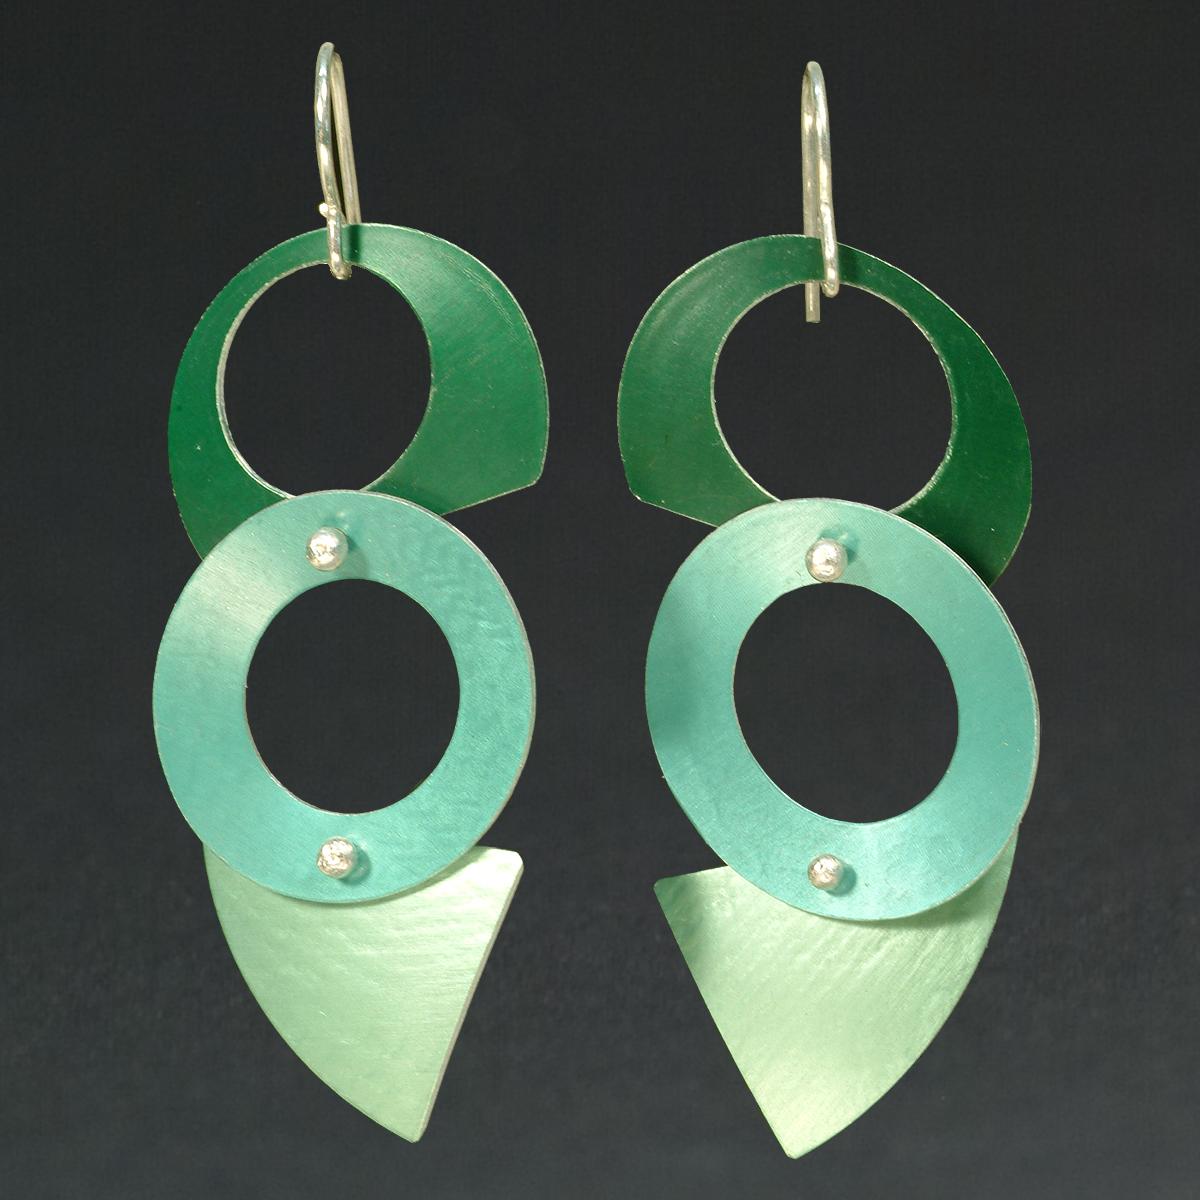 D - Green, Turq., Chablis